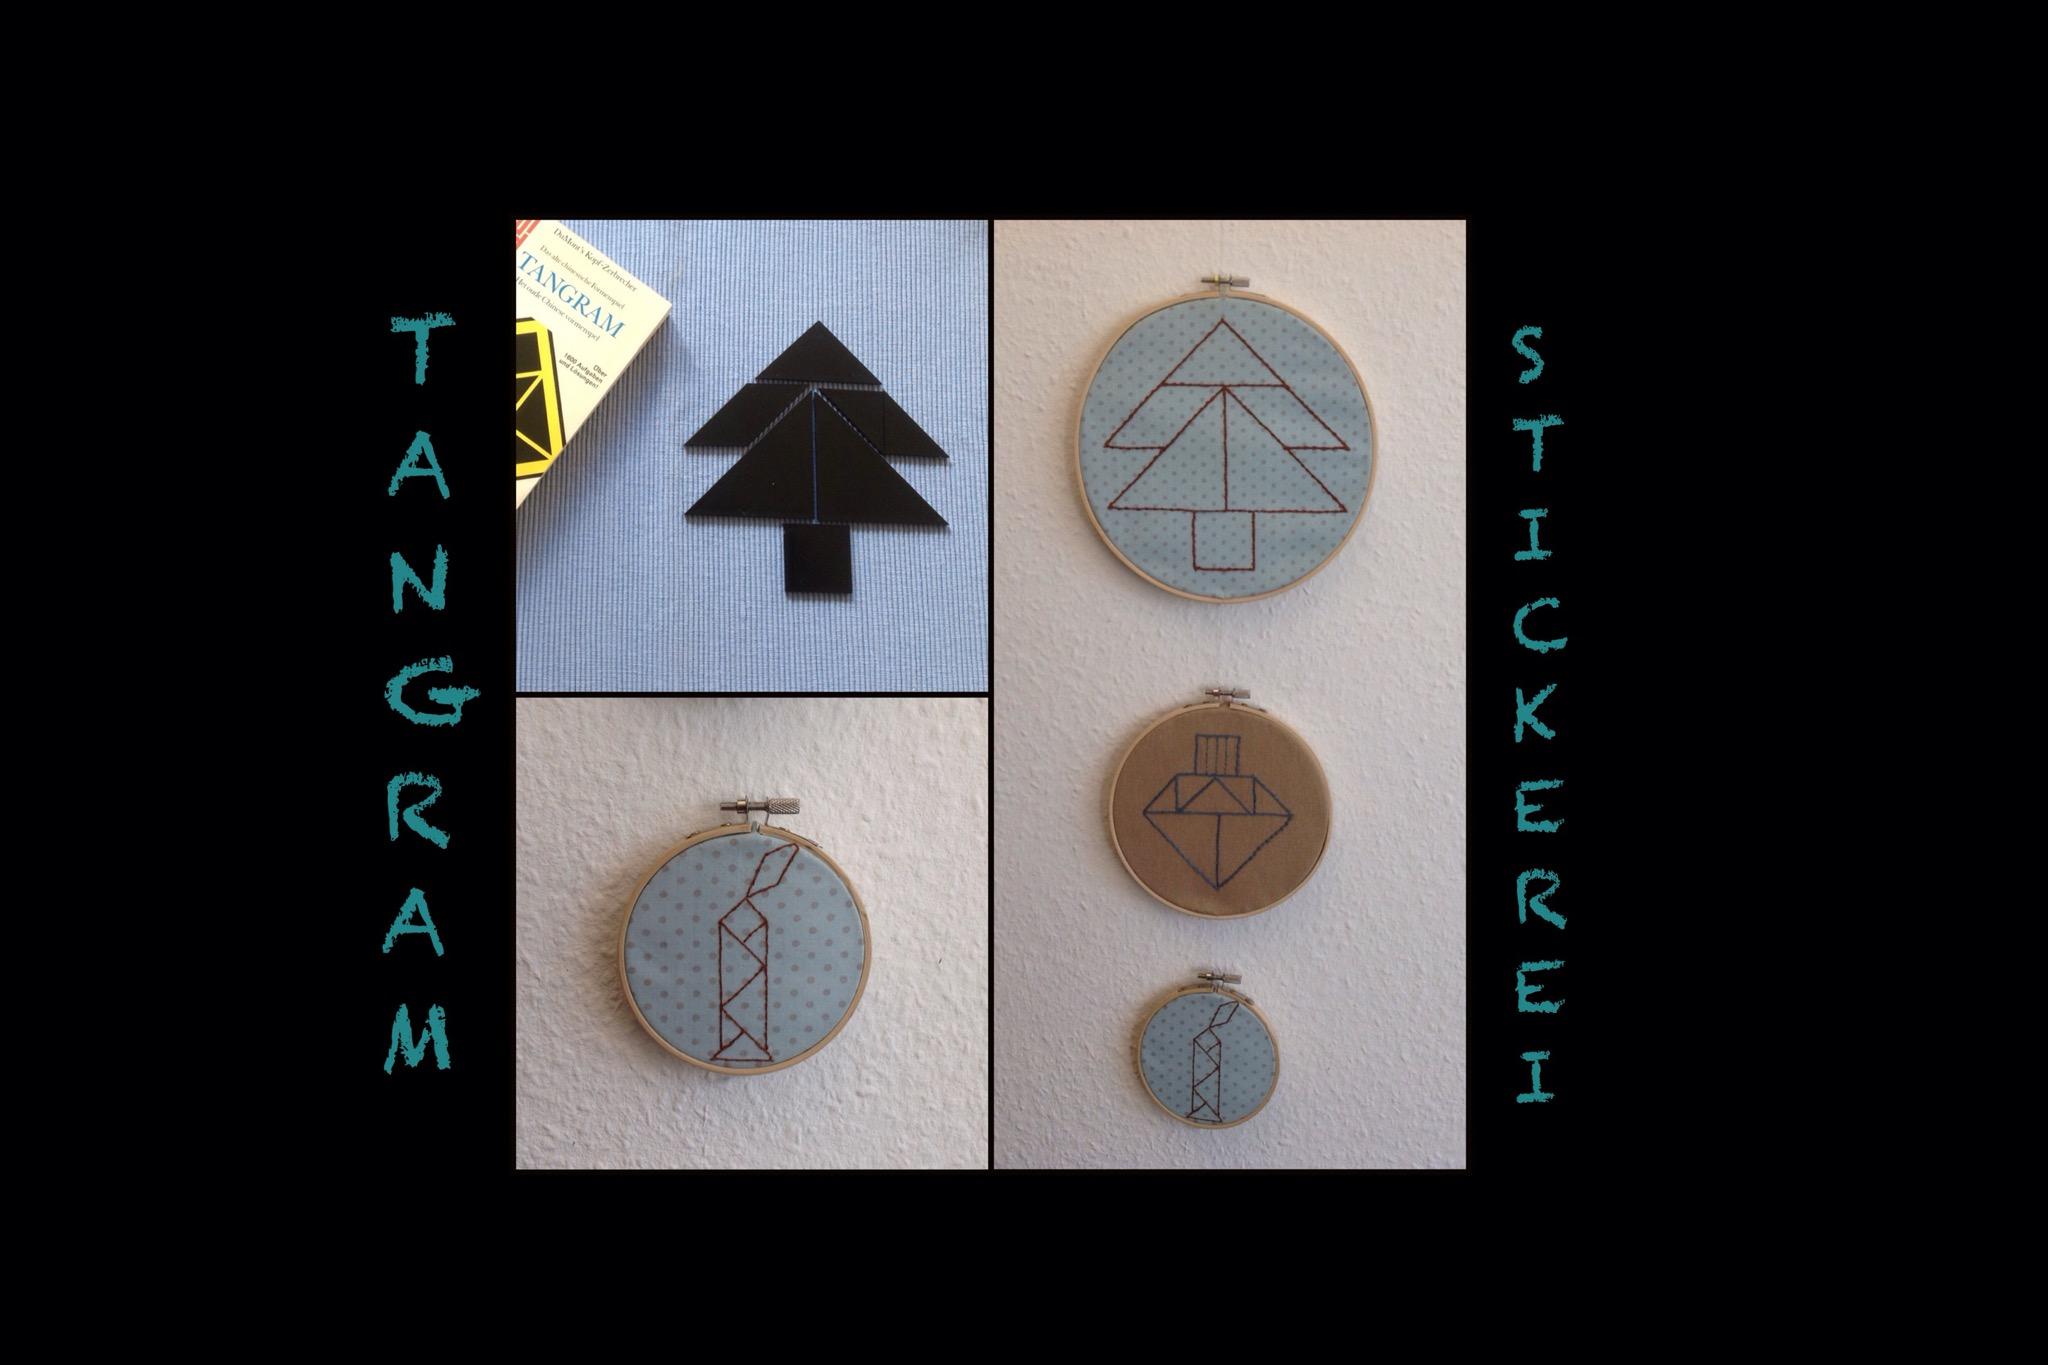 Jetzt geht es rund: Tangram gestickt – oder – Sticken wie die Lemminge